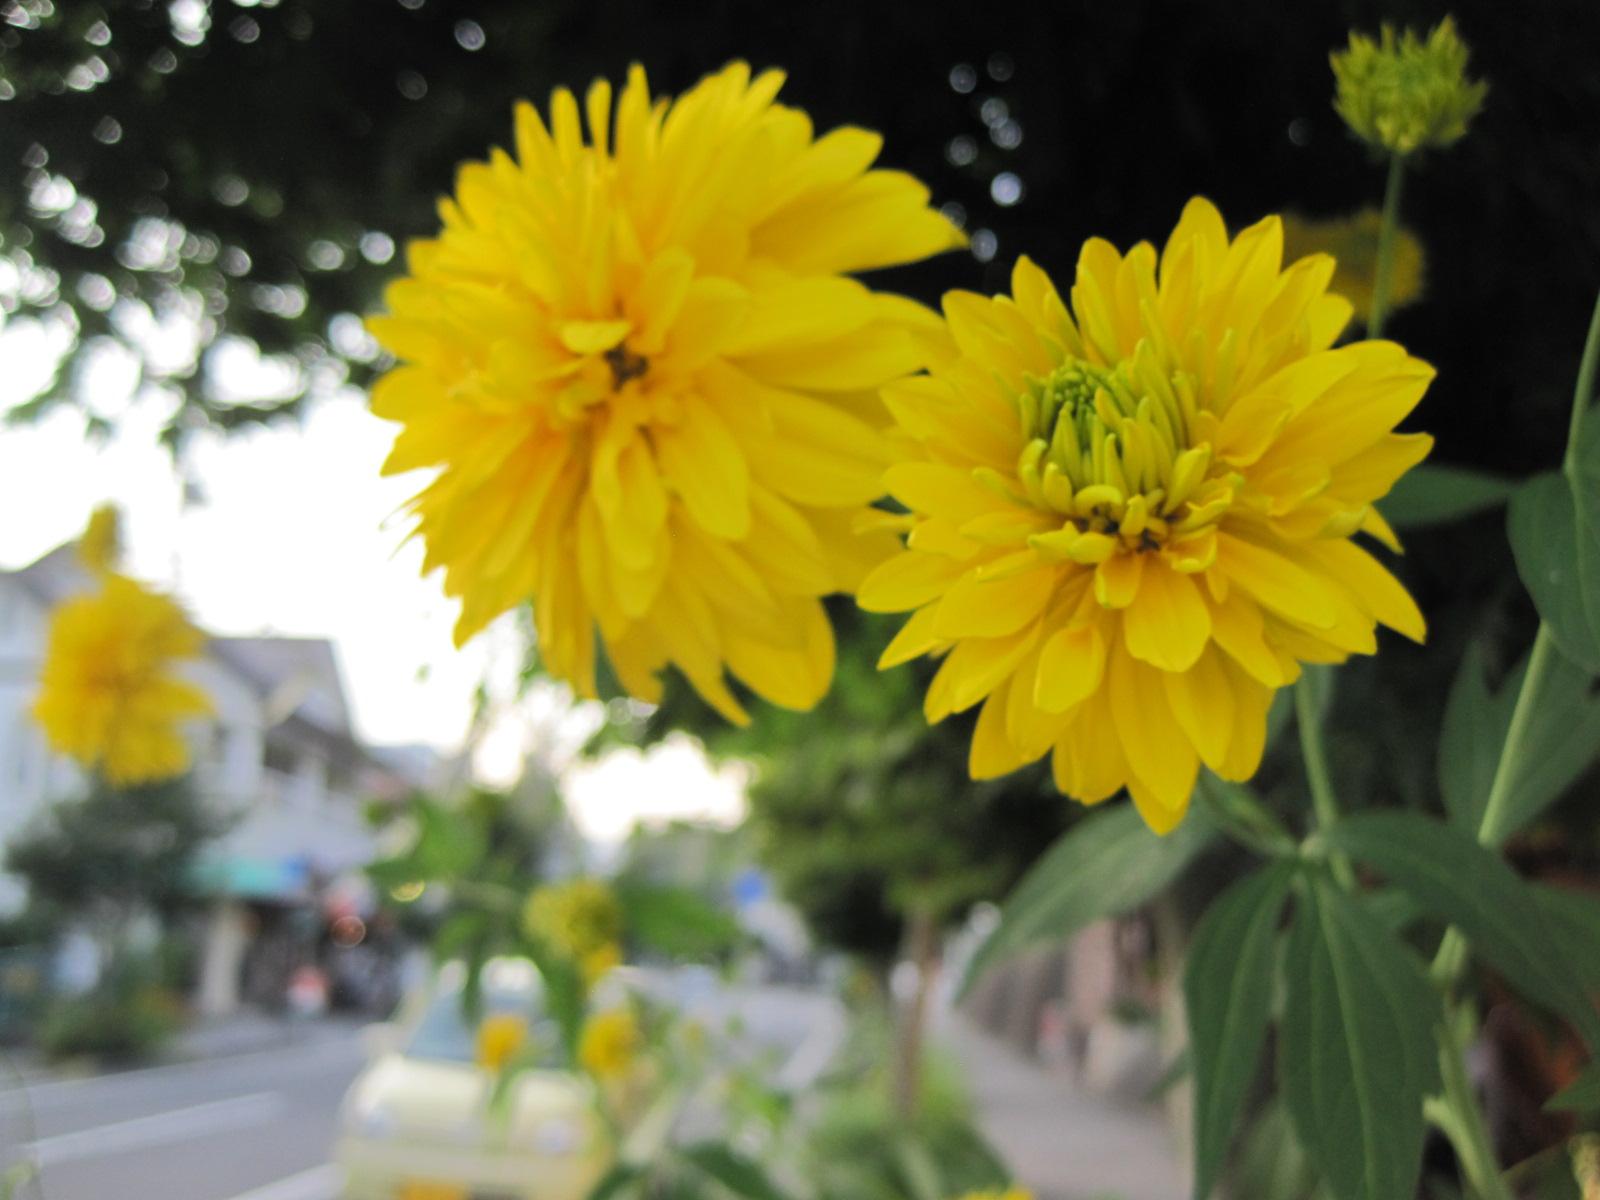 夏の軽井沢の花々/「ちゃたまや」のたまごジェラート_f0236260_21564033.jpg